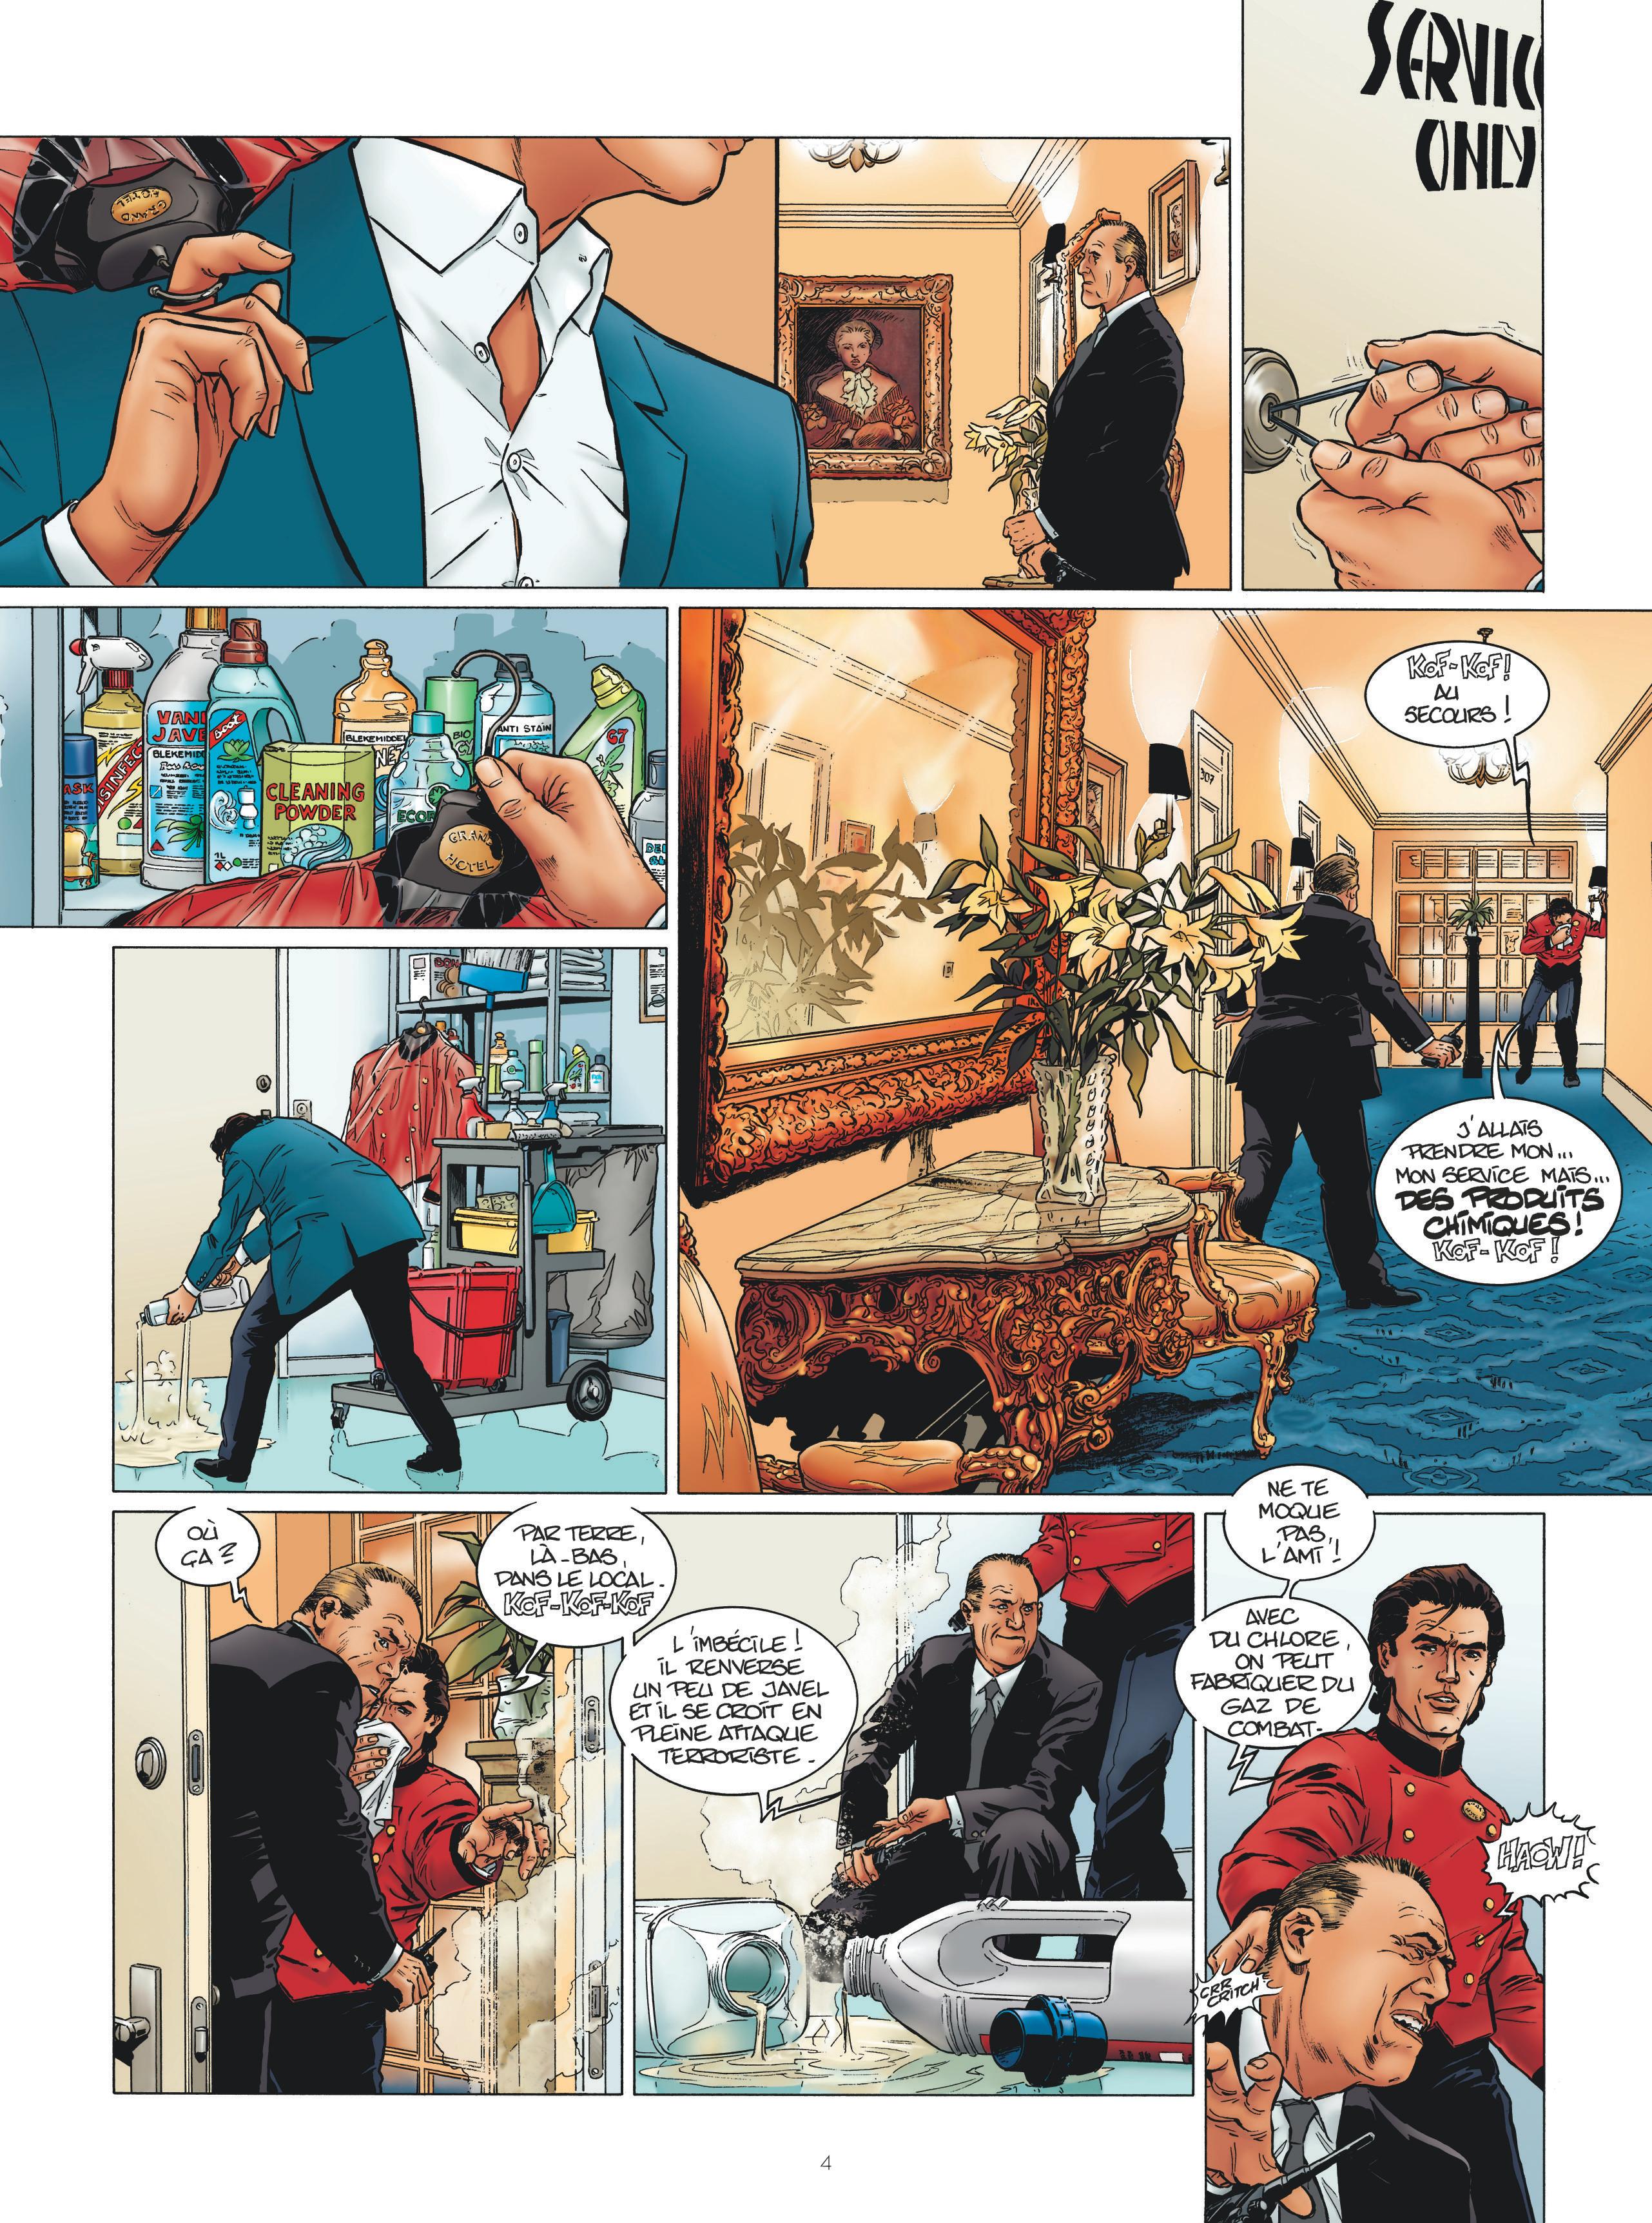 Alpha_pemières_armes#3_Page 4